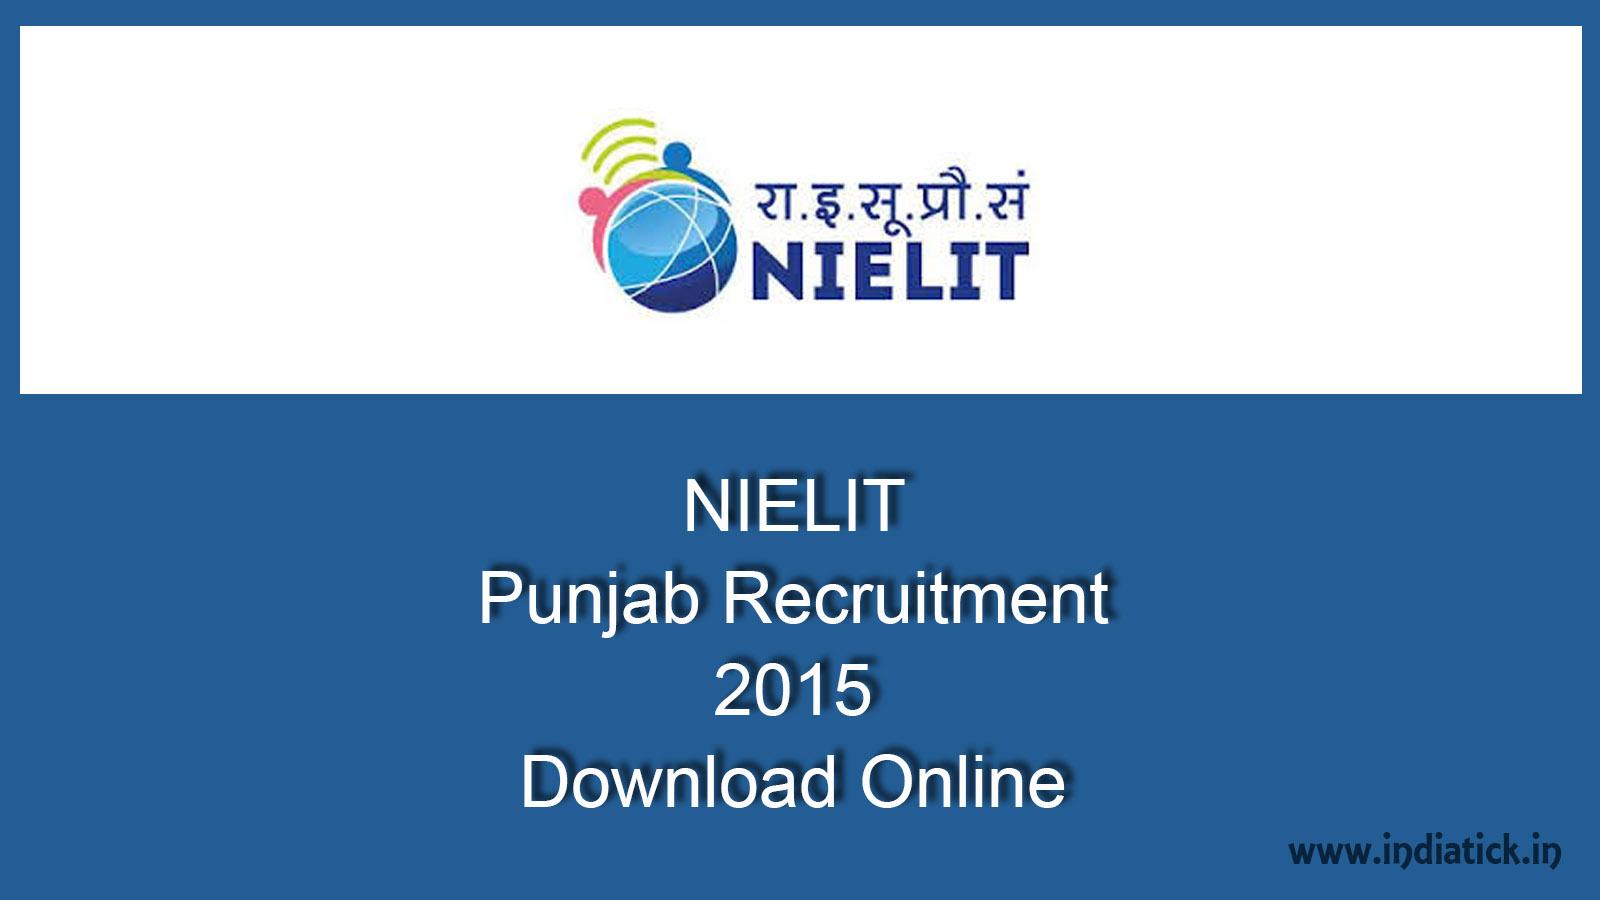 NIELIT Punjab Recruitment 2015 chandigarh.nielit.gov.in | India Tick